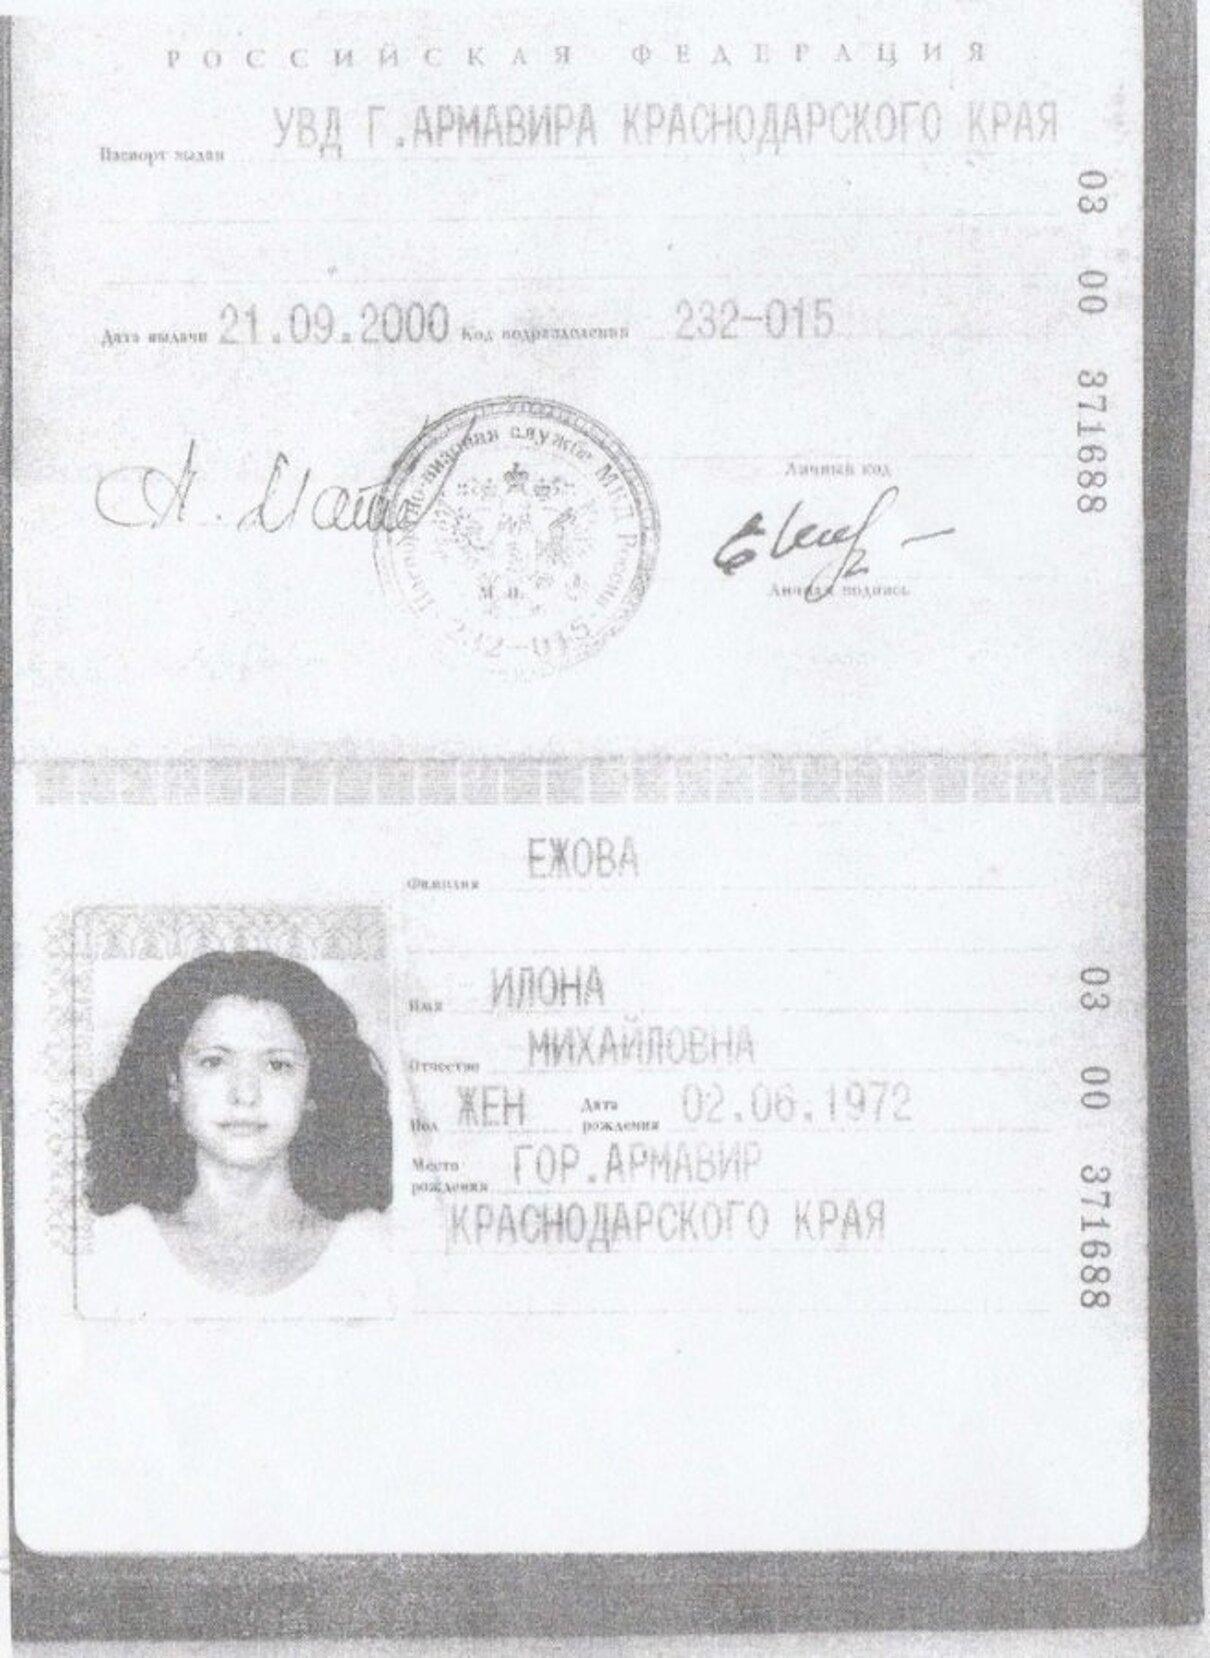 Жалоба-отзыв: Ежова Илона Михайловна - Проштрафившийся сотрудник + мошенник + воришка.  Фото №1